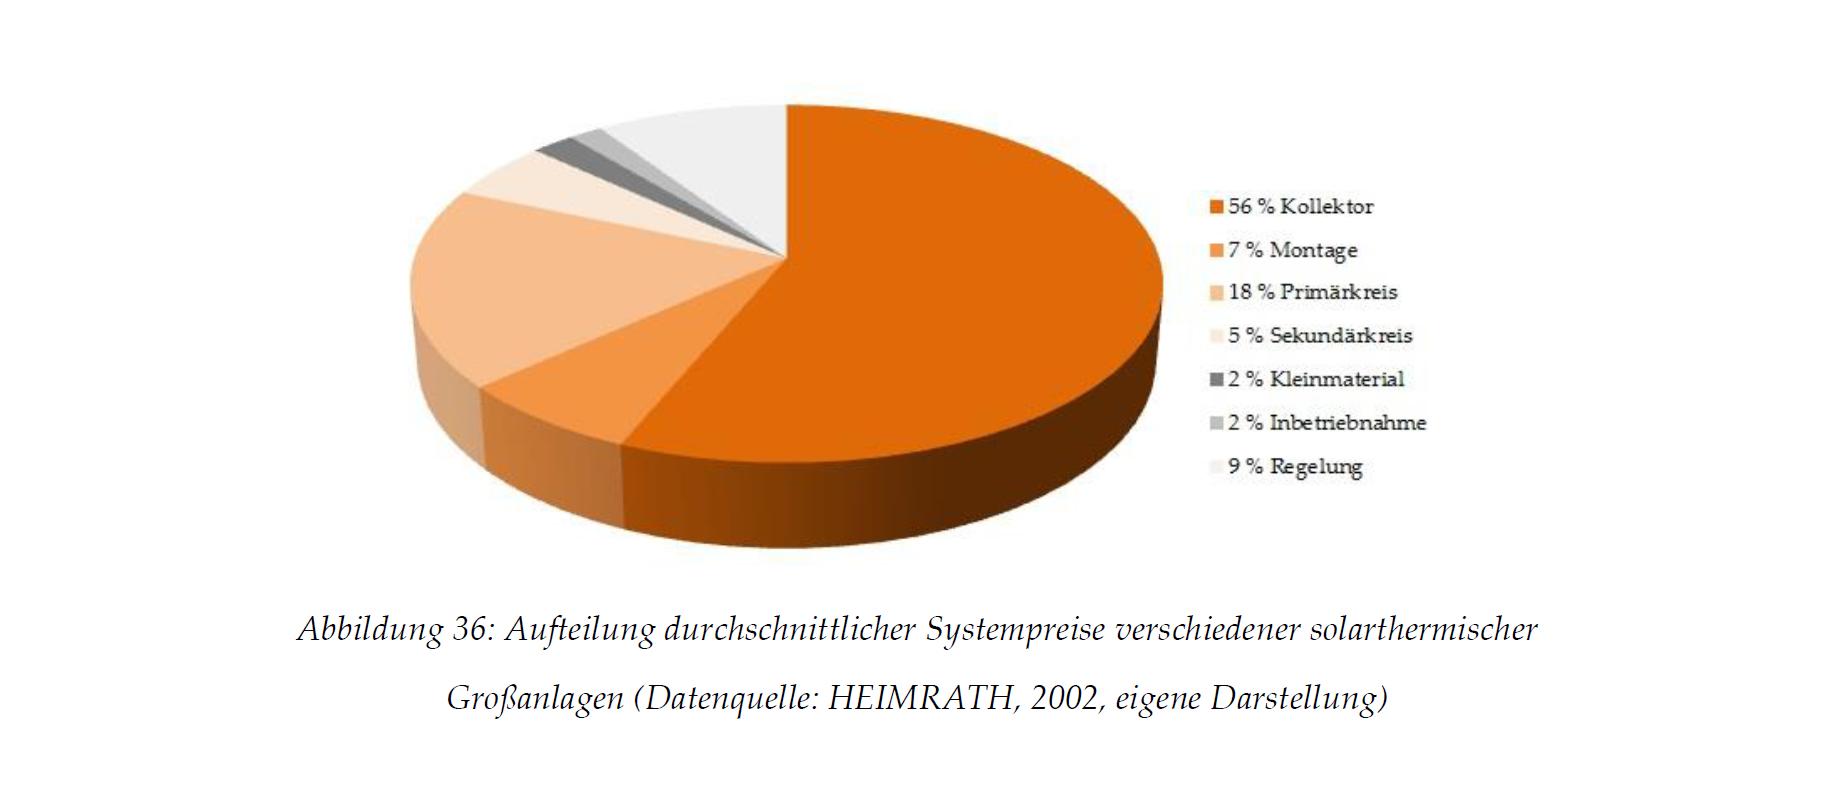 Aufteilung durchschnittlicher Systempreise verschiedener solarthermischer Großanlagen